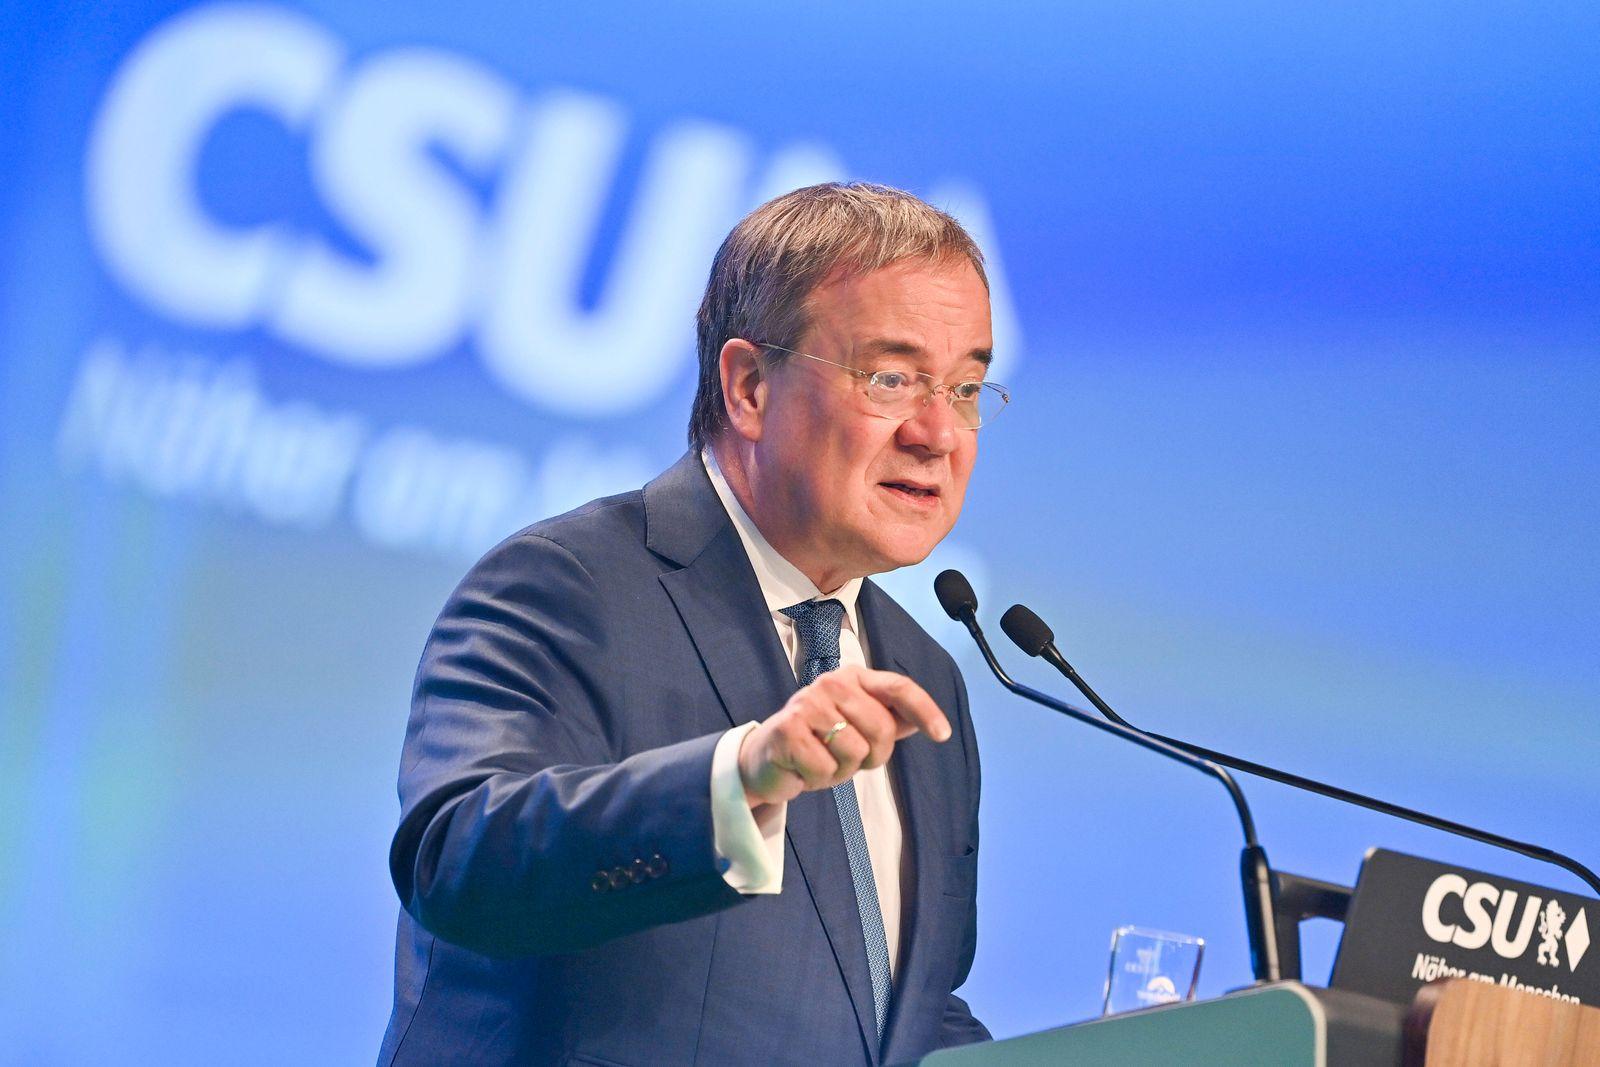 Armin LASCHET (CDU Vorsitzender und Kanzlerkandidat) bei seiner Rede. Gestik, Einzelbild,angeschnittenes Einzelmotiv,Hal